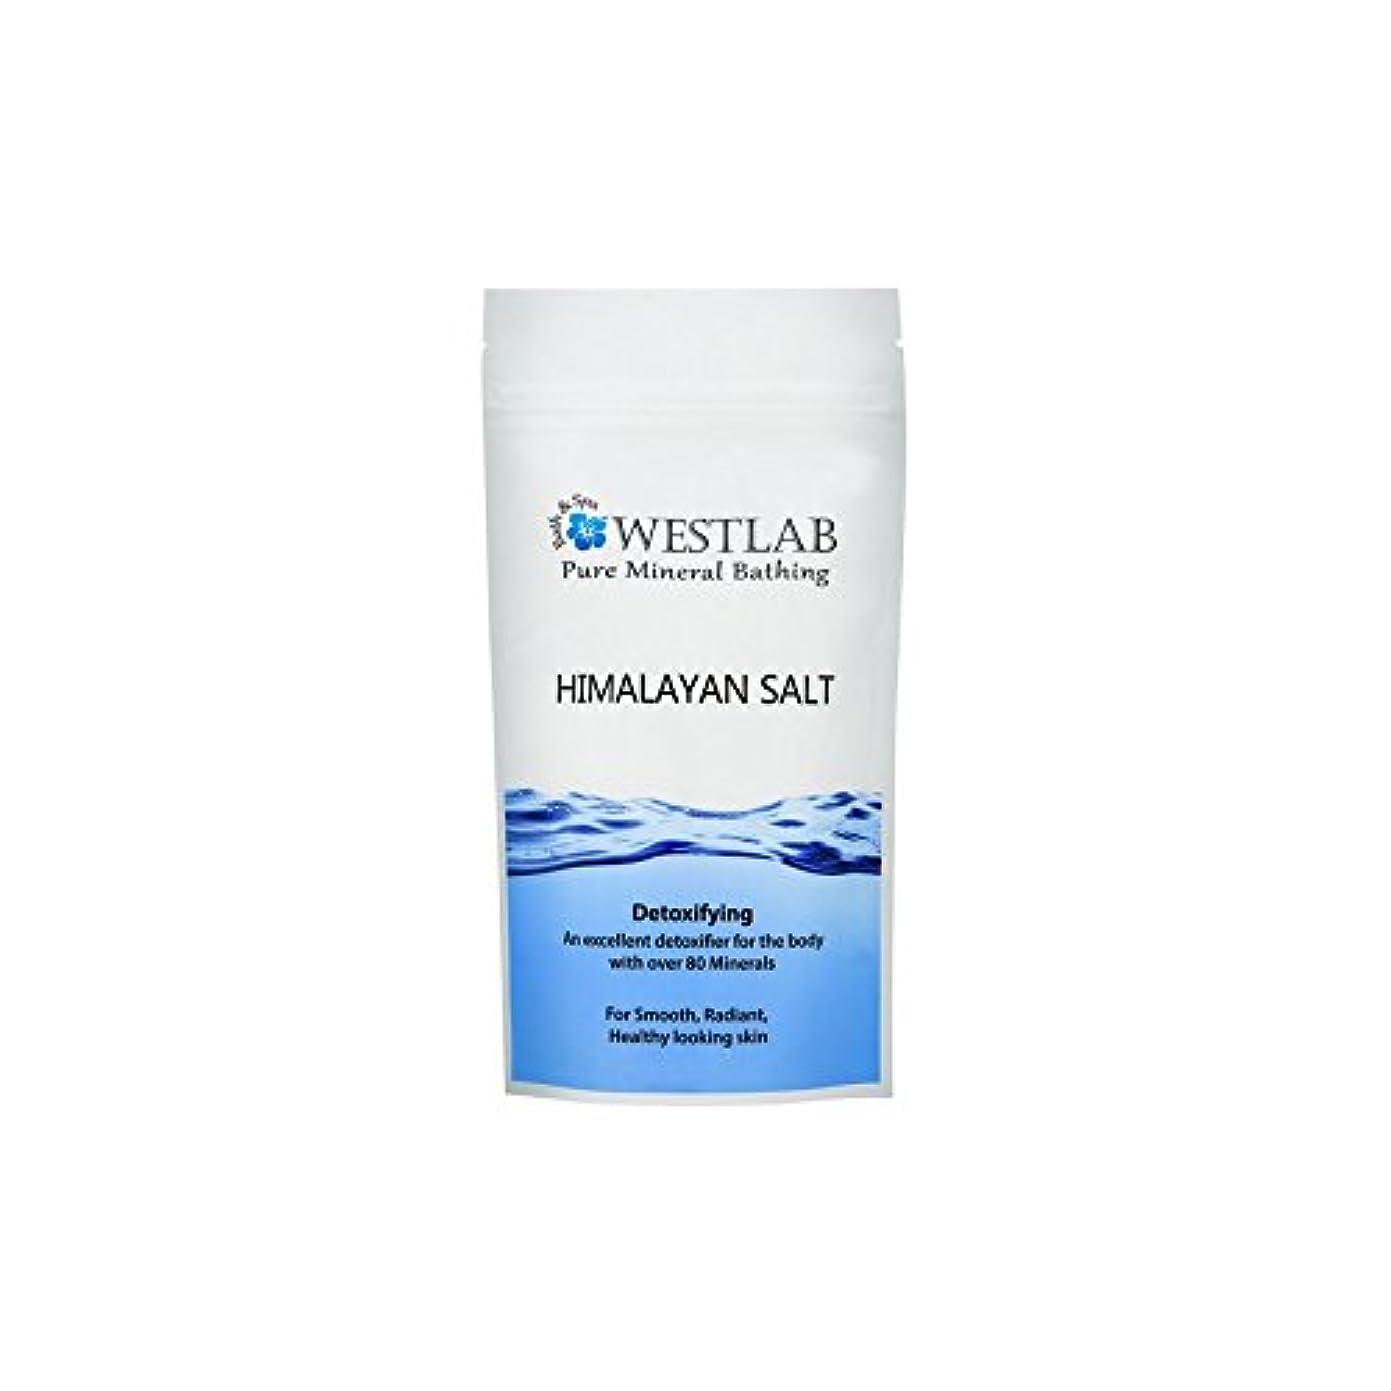 ソース凍る美徳ヒマラヤの塩500グラム x2 - Westlab Himalayan Salt 500g (Pack of 2) [並行輸入品]